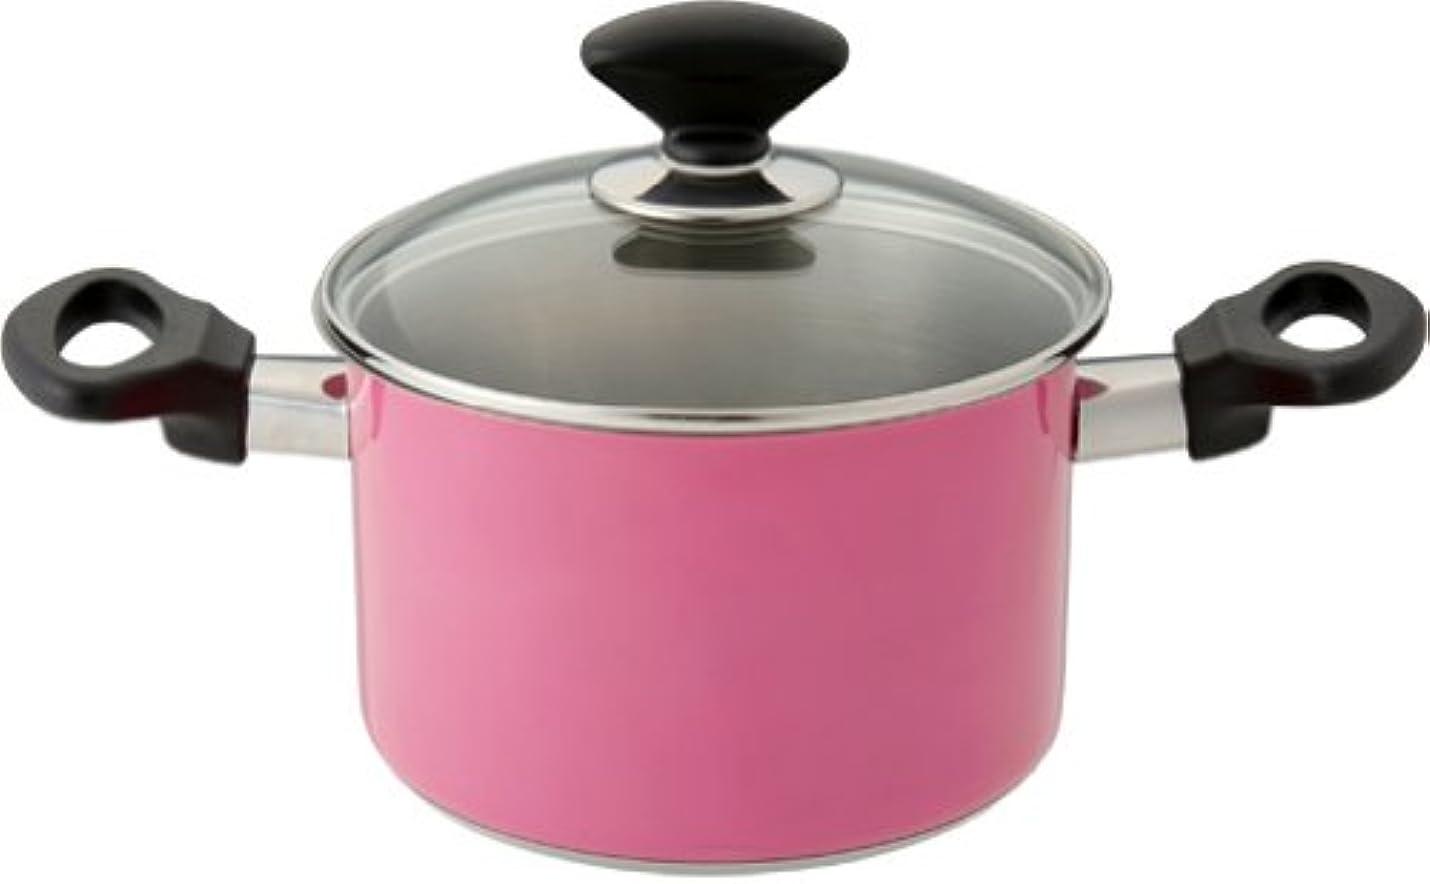 土砂降りゲージデータムマイヤー 両手鍋 「ピンク ステンレス ビューティー」 IH両手鍋18cm IH/ガス「オール熱源対応」 SK-W18PK